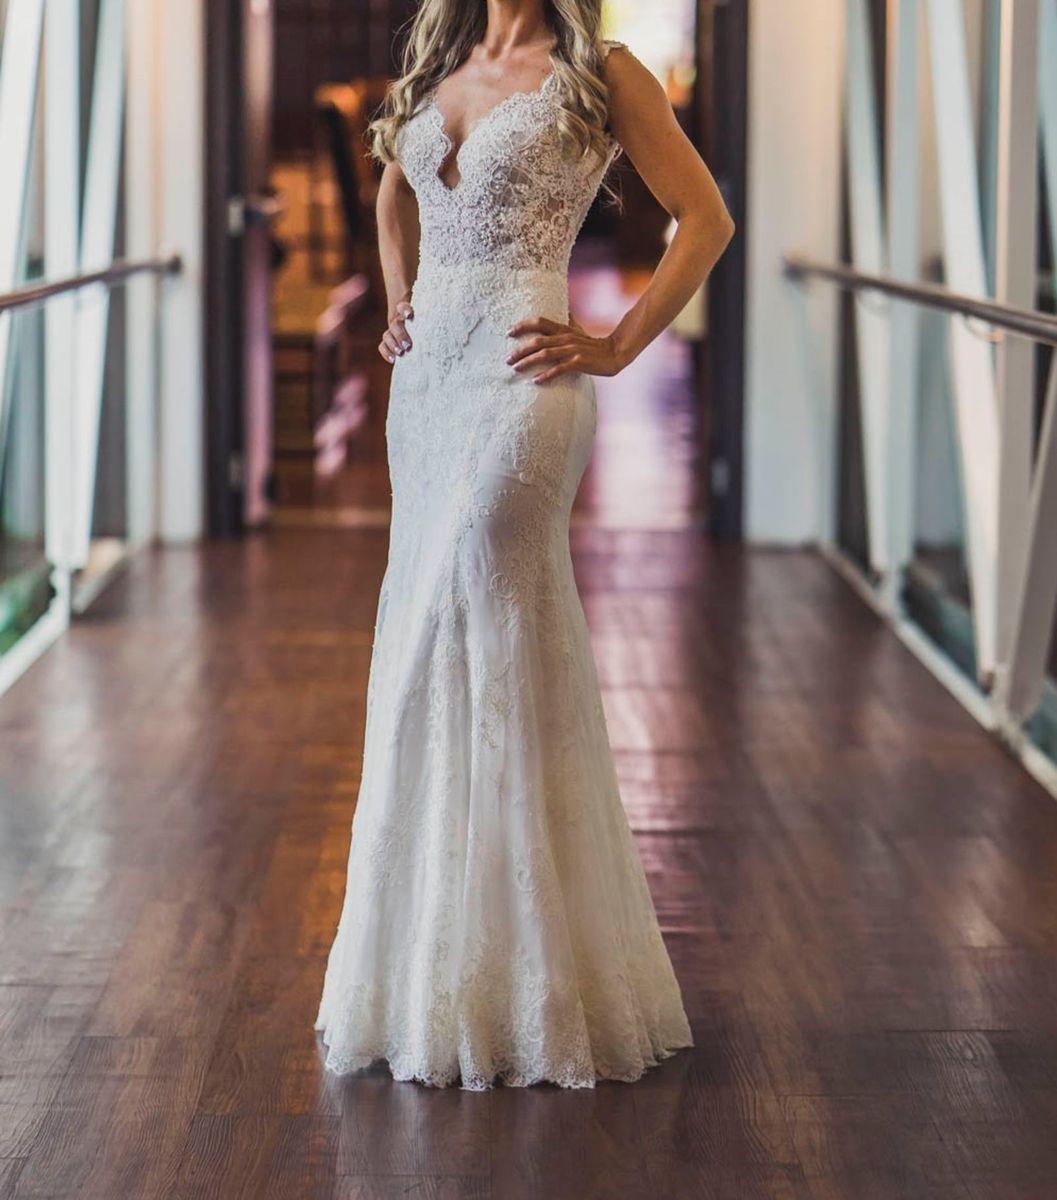 49e189e00 Vestido De Noiva Semi Sereia Em Renda Off White Bordado A Mão